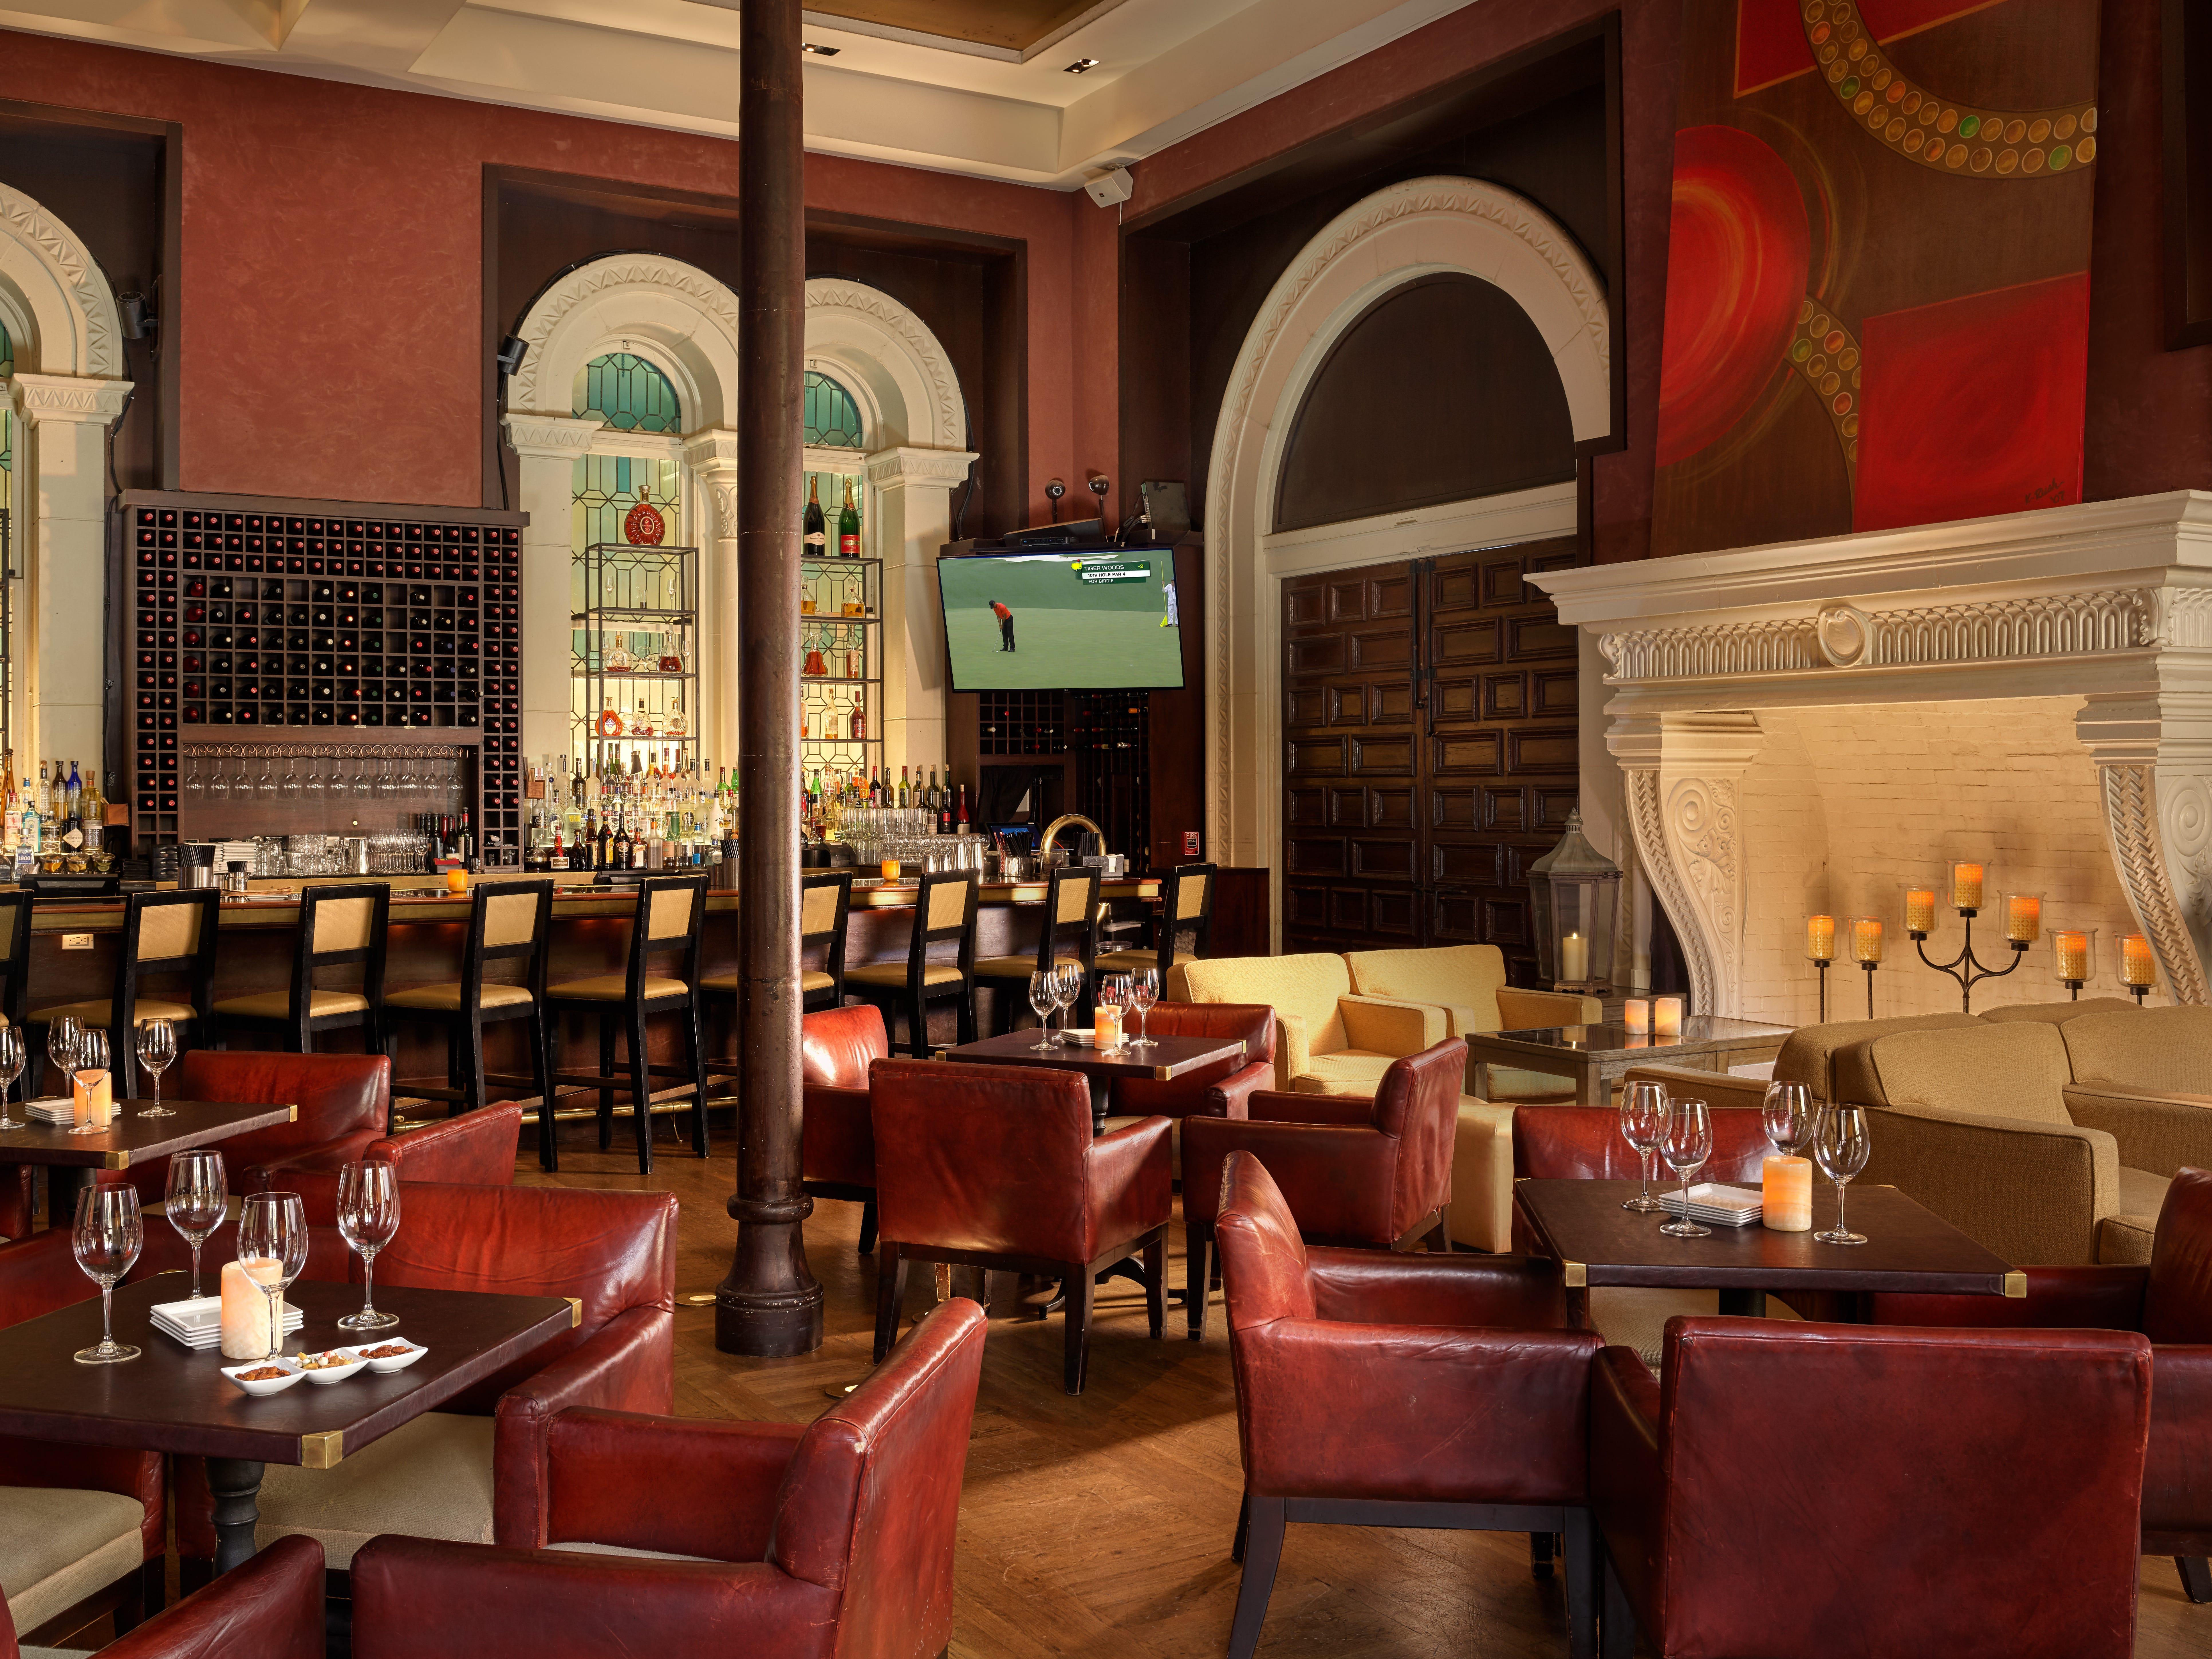 Bar Luna at Boca Raton Resort & Club.